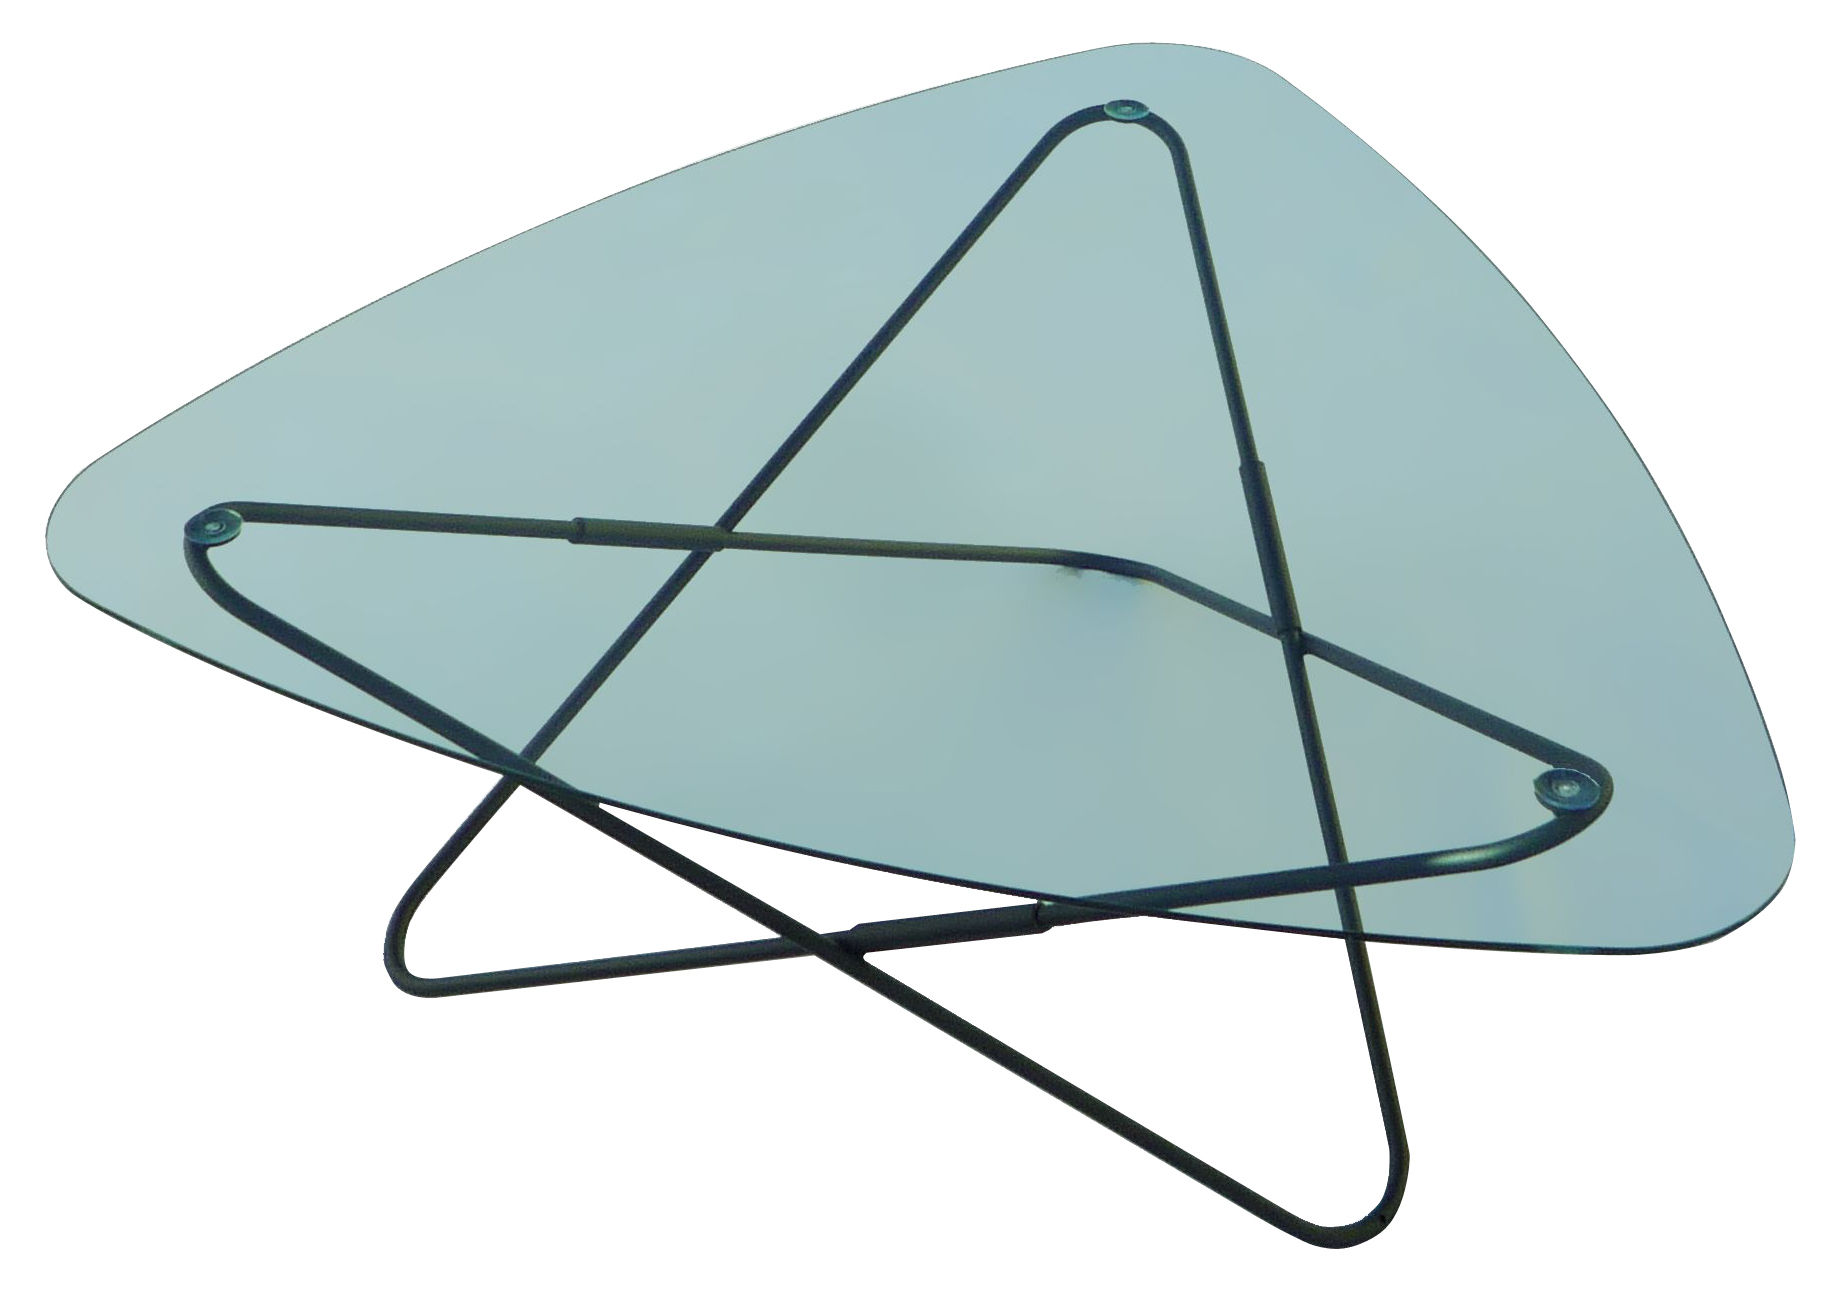 Möbel - Couchtische - AA Butterfly Couchtisch Gestell schwarz - L 95 cm - AA-New Design - Gestell schwarz / Glas transparent - Einscheiben-Sicherheitsglas, lackierter Stahl